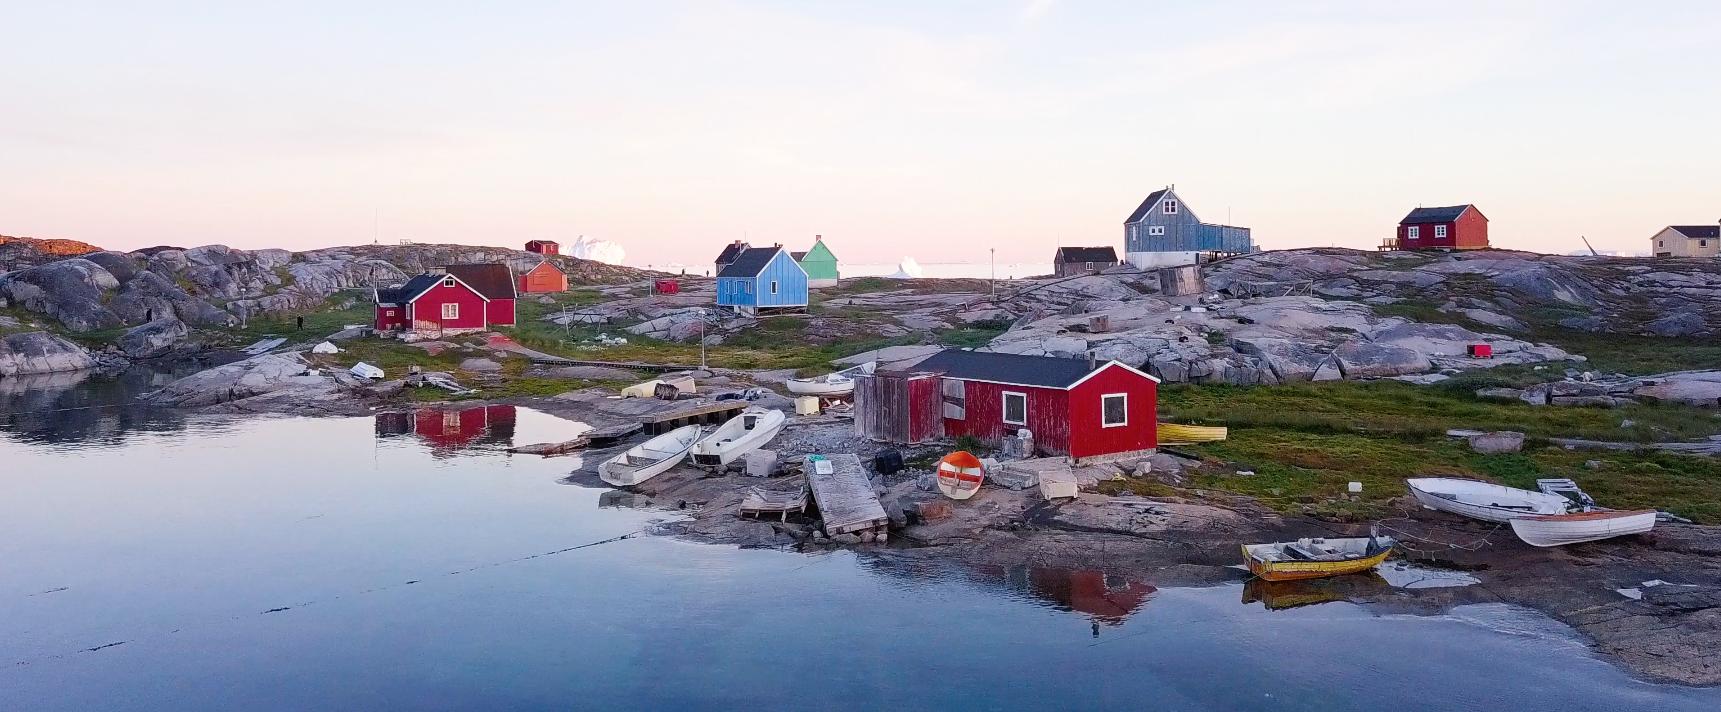 Villaggio Inuit